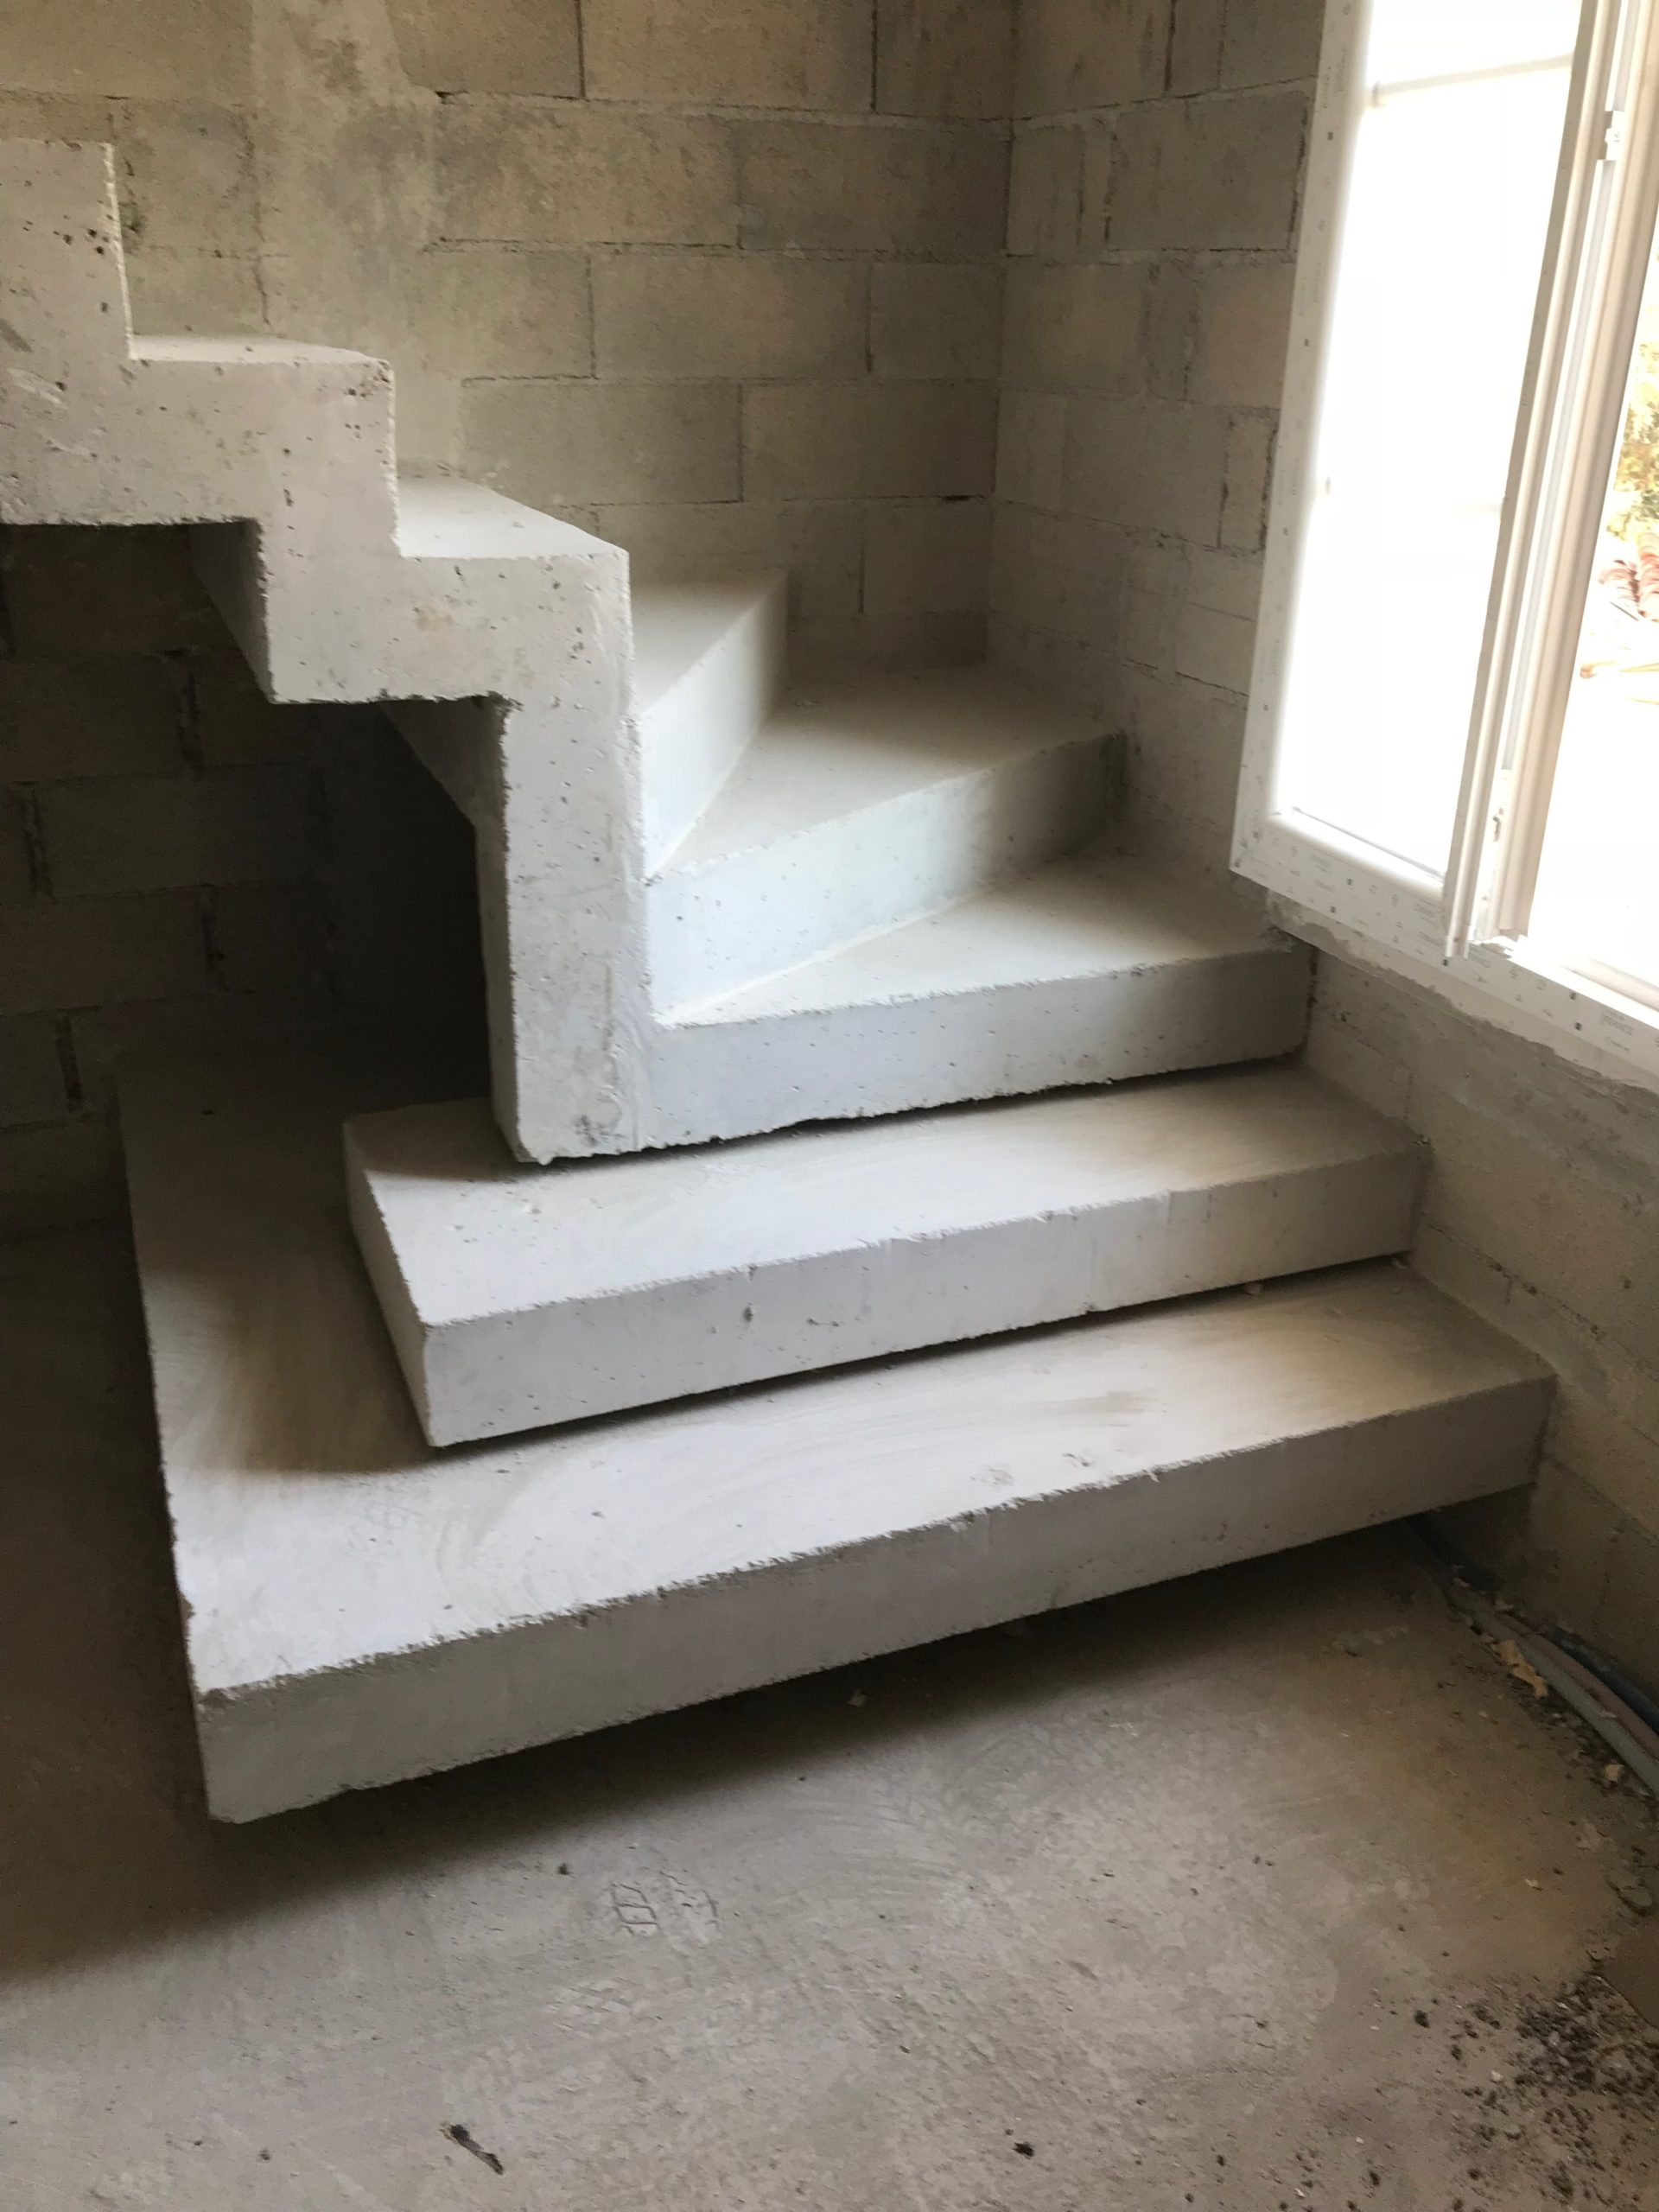 Fabrication d'un escalier béton à crémaillère un quart tournant avec les deux premières marches royales